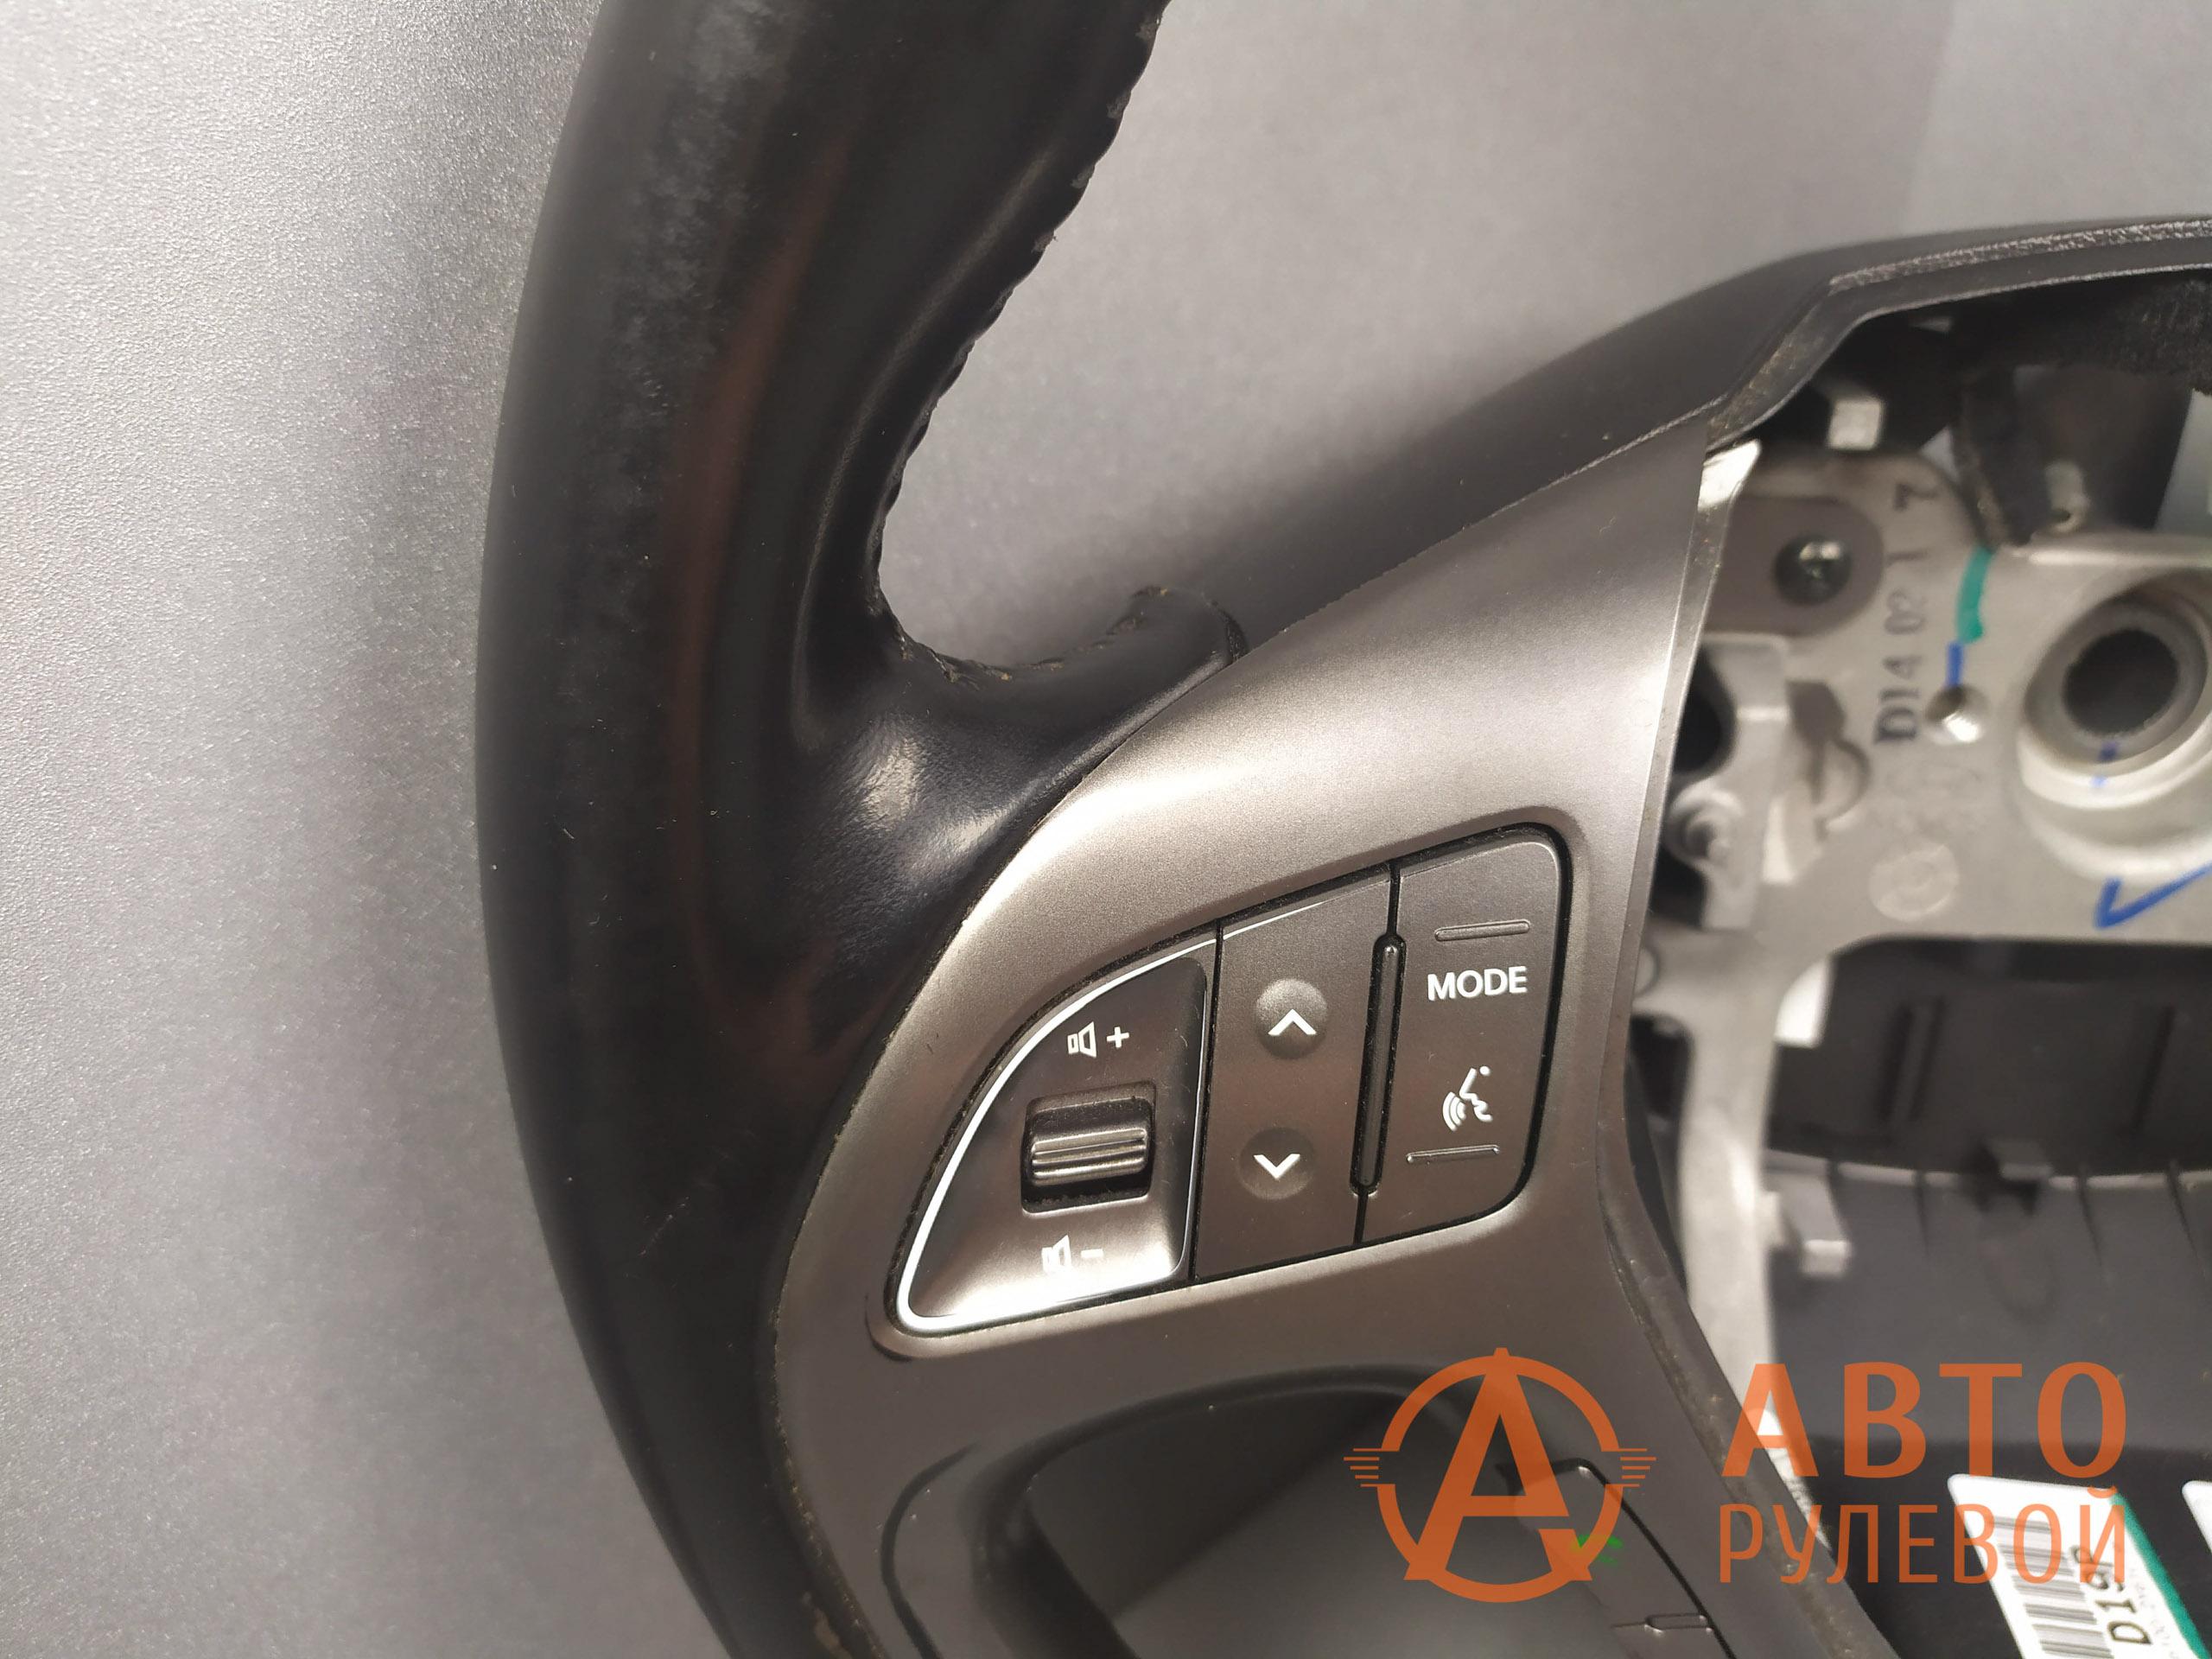 Руль Hyundai ix35 1 поколение рестайлинг 2014 до перетяжки - 3